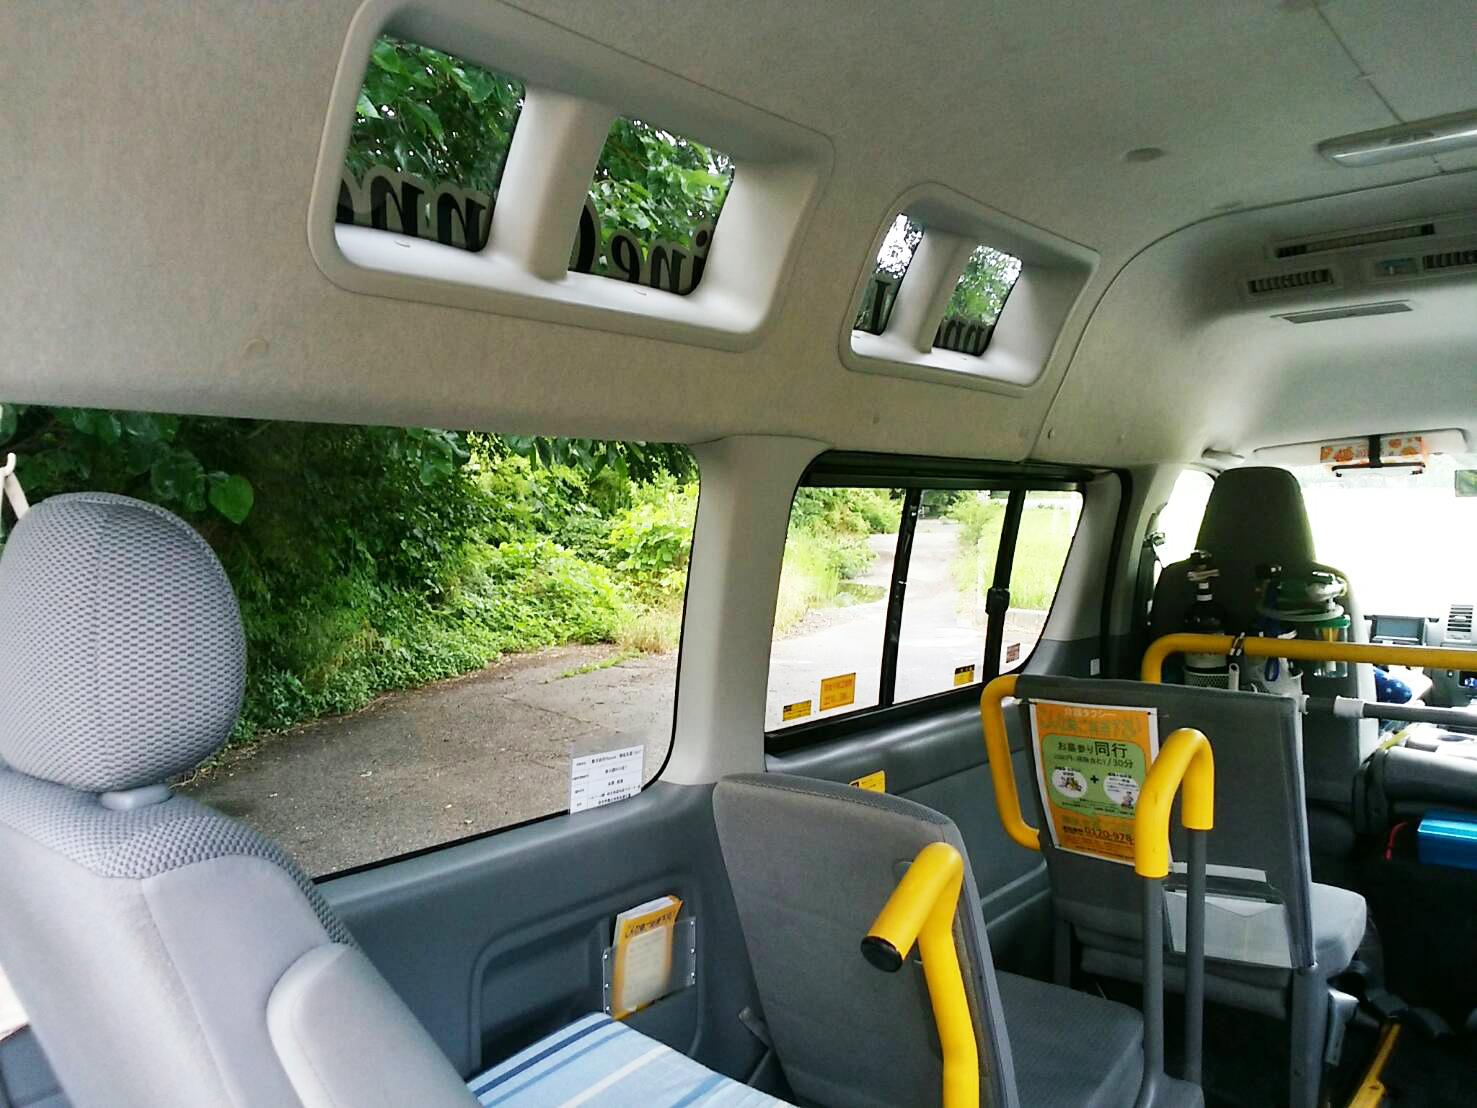 車内は快適な空間を気にしながら設計